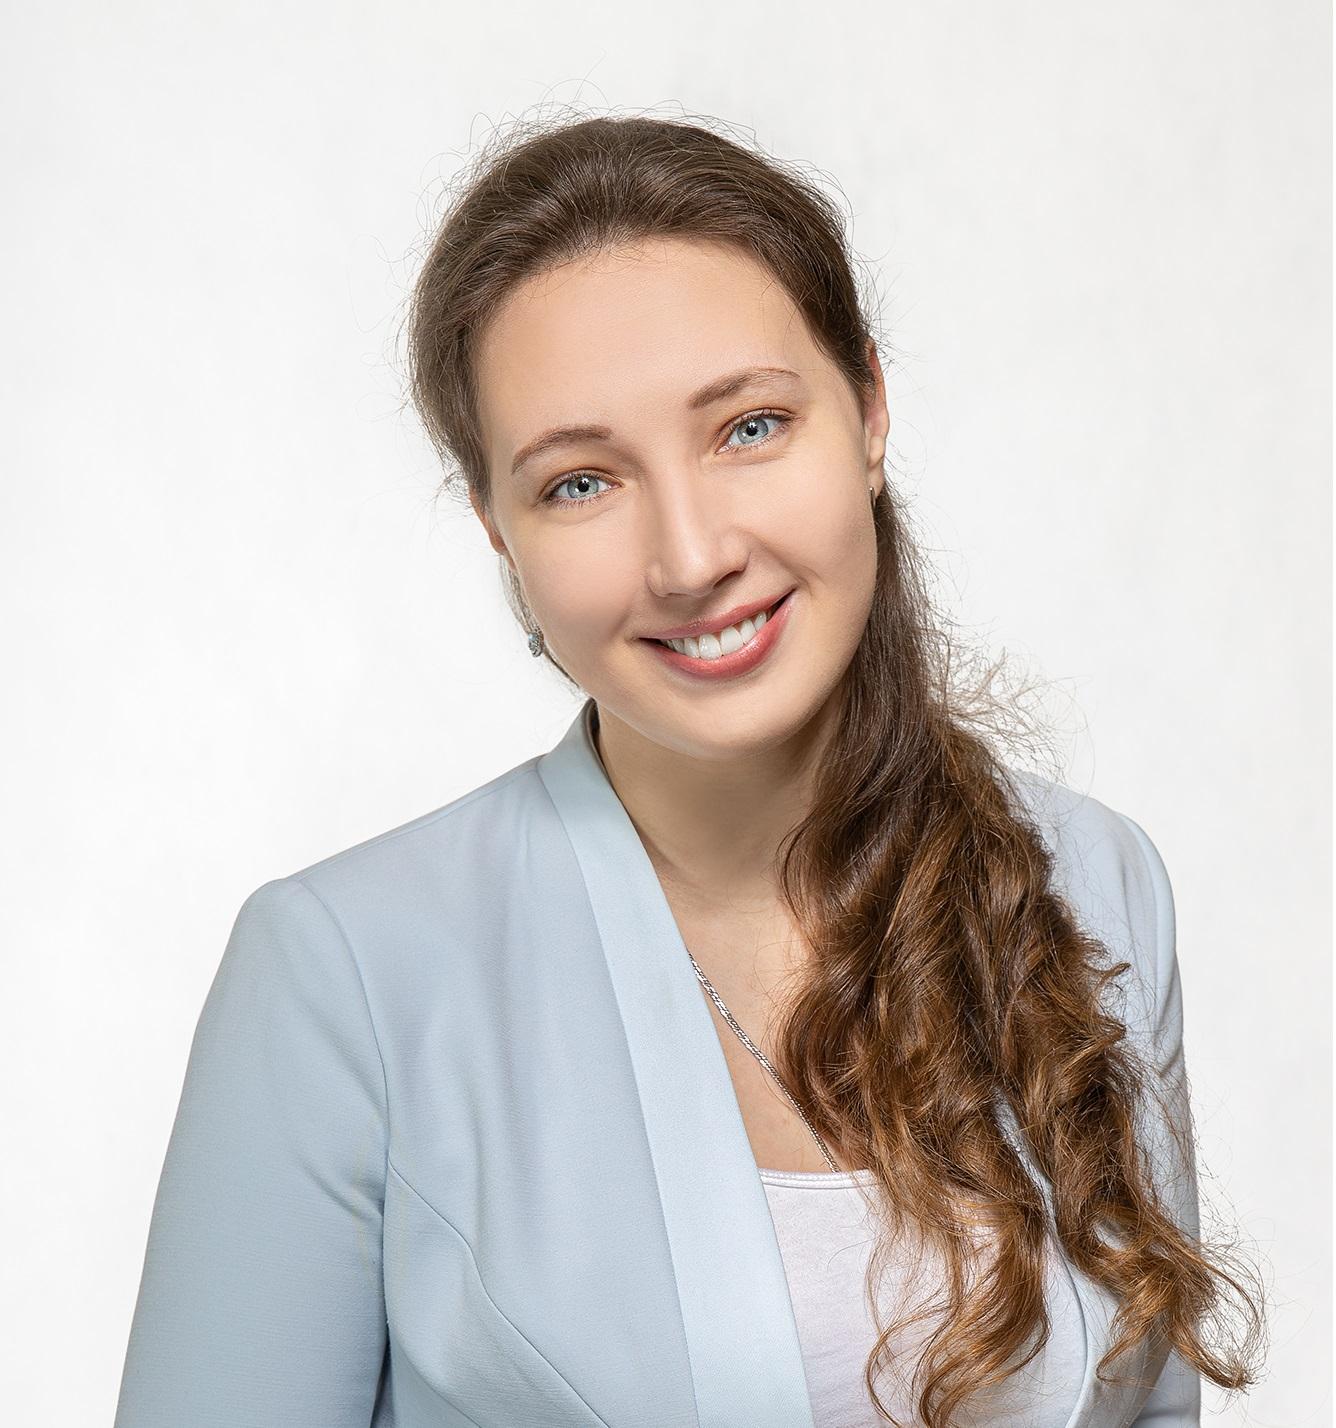 Руководитель направления профилактики абортов Синодального отдела по благотворительности Мария Студеникина